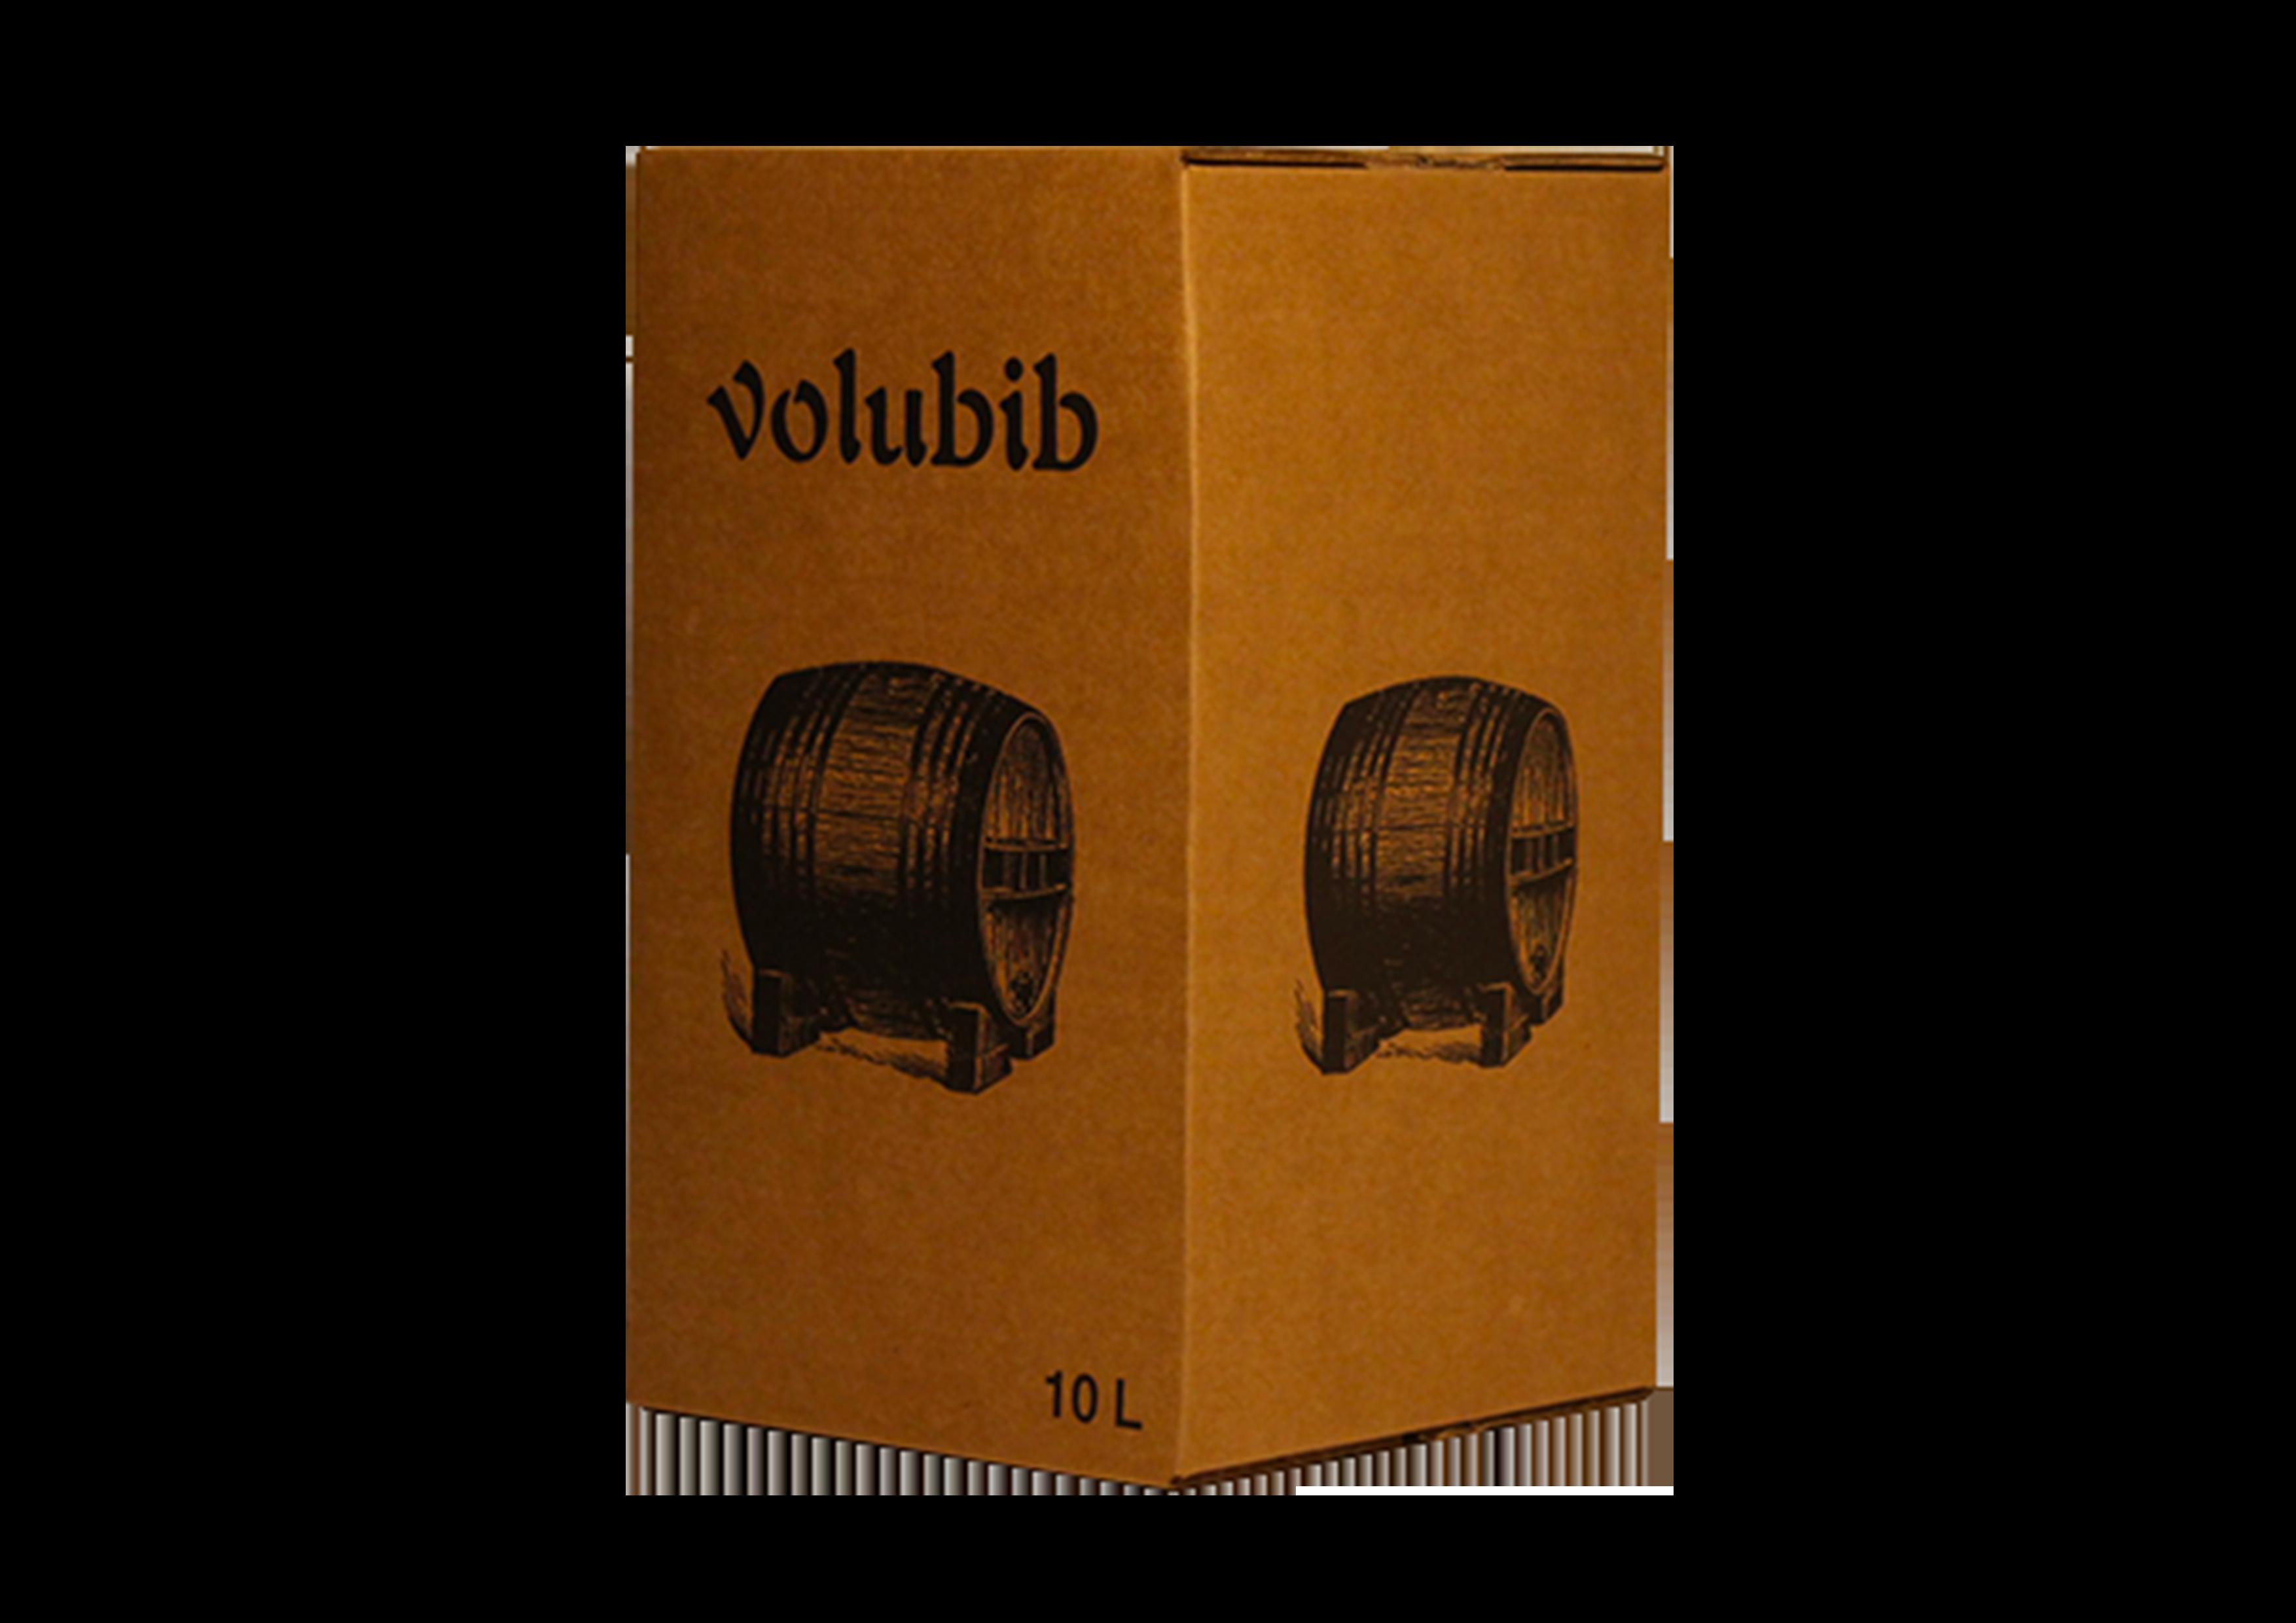 Volubib 10L